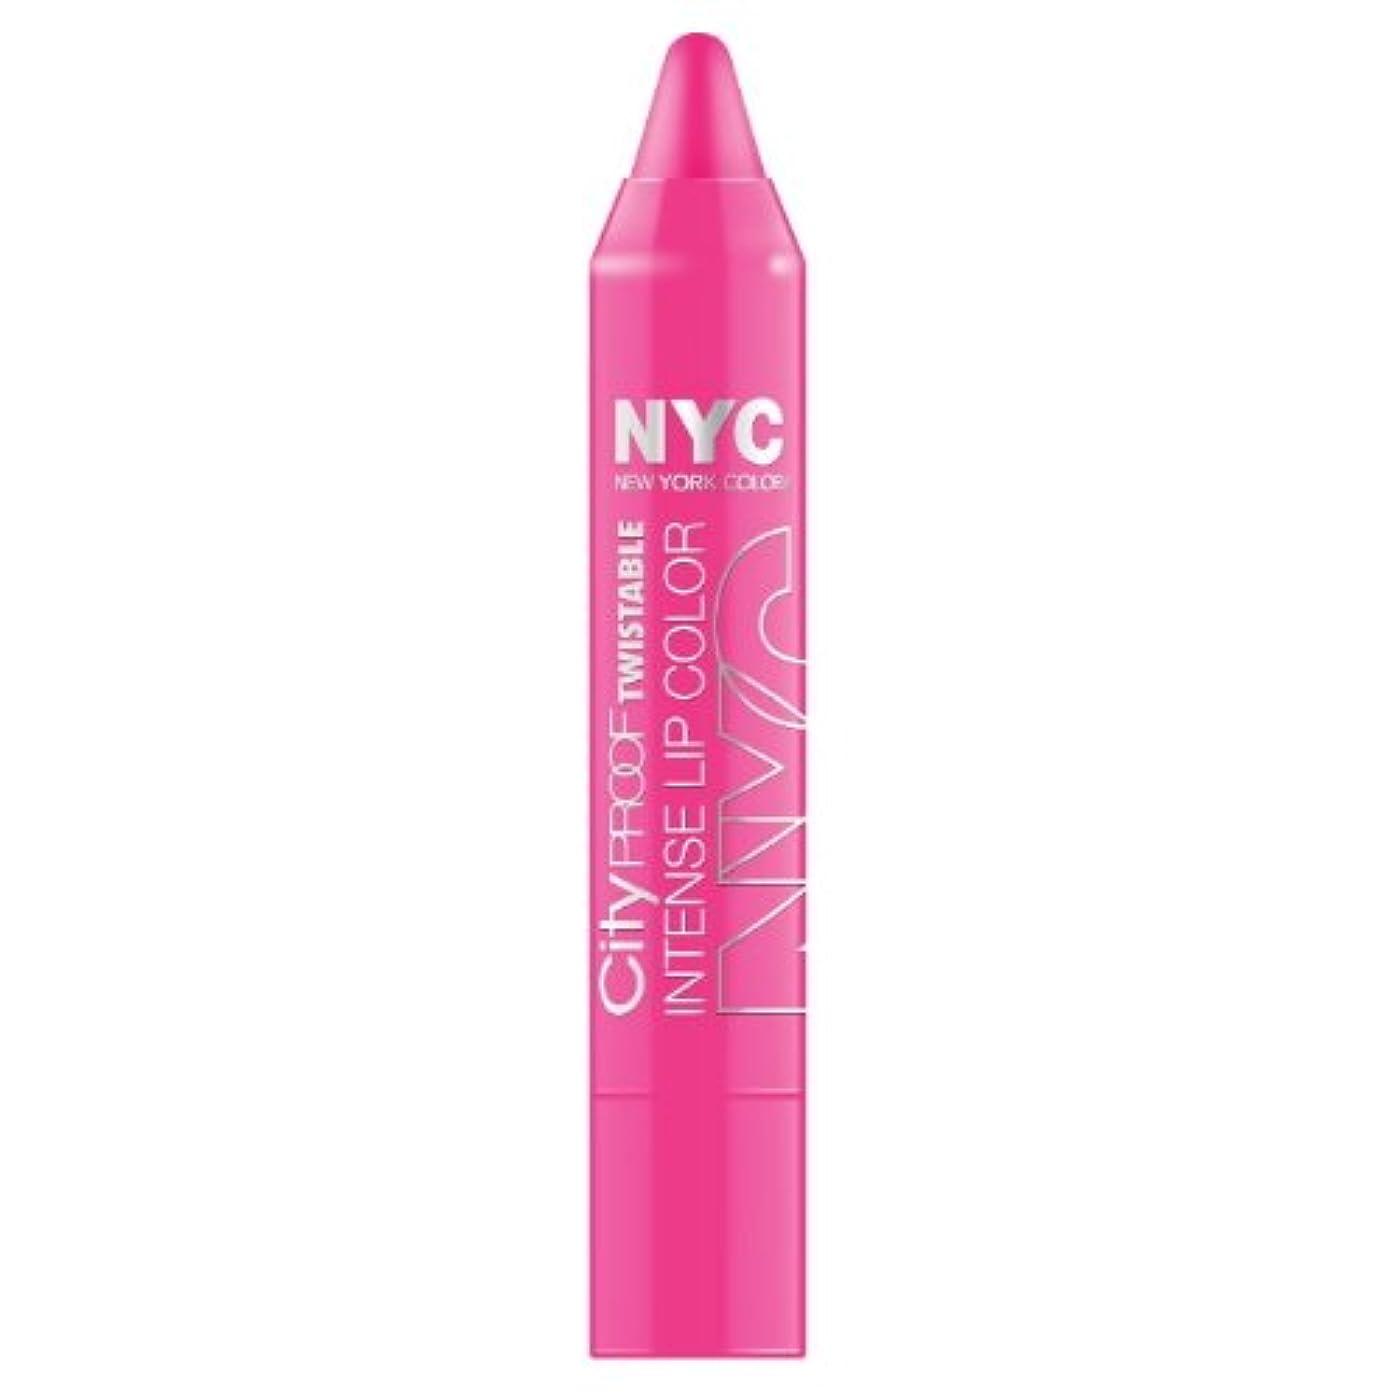 スポークスマンあなたが良くなります電極(3 Pack) NYC City Proof Twistable Intense Lip Color - Fulton St Fuchsia (並行輸入品)